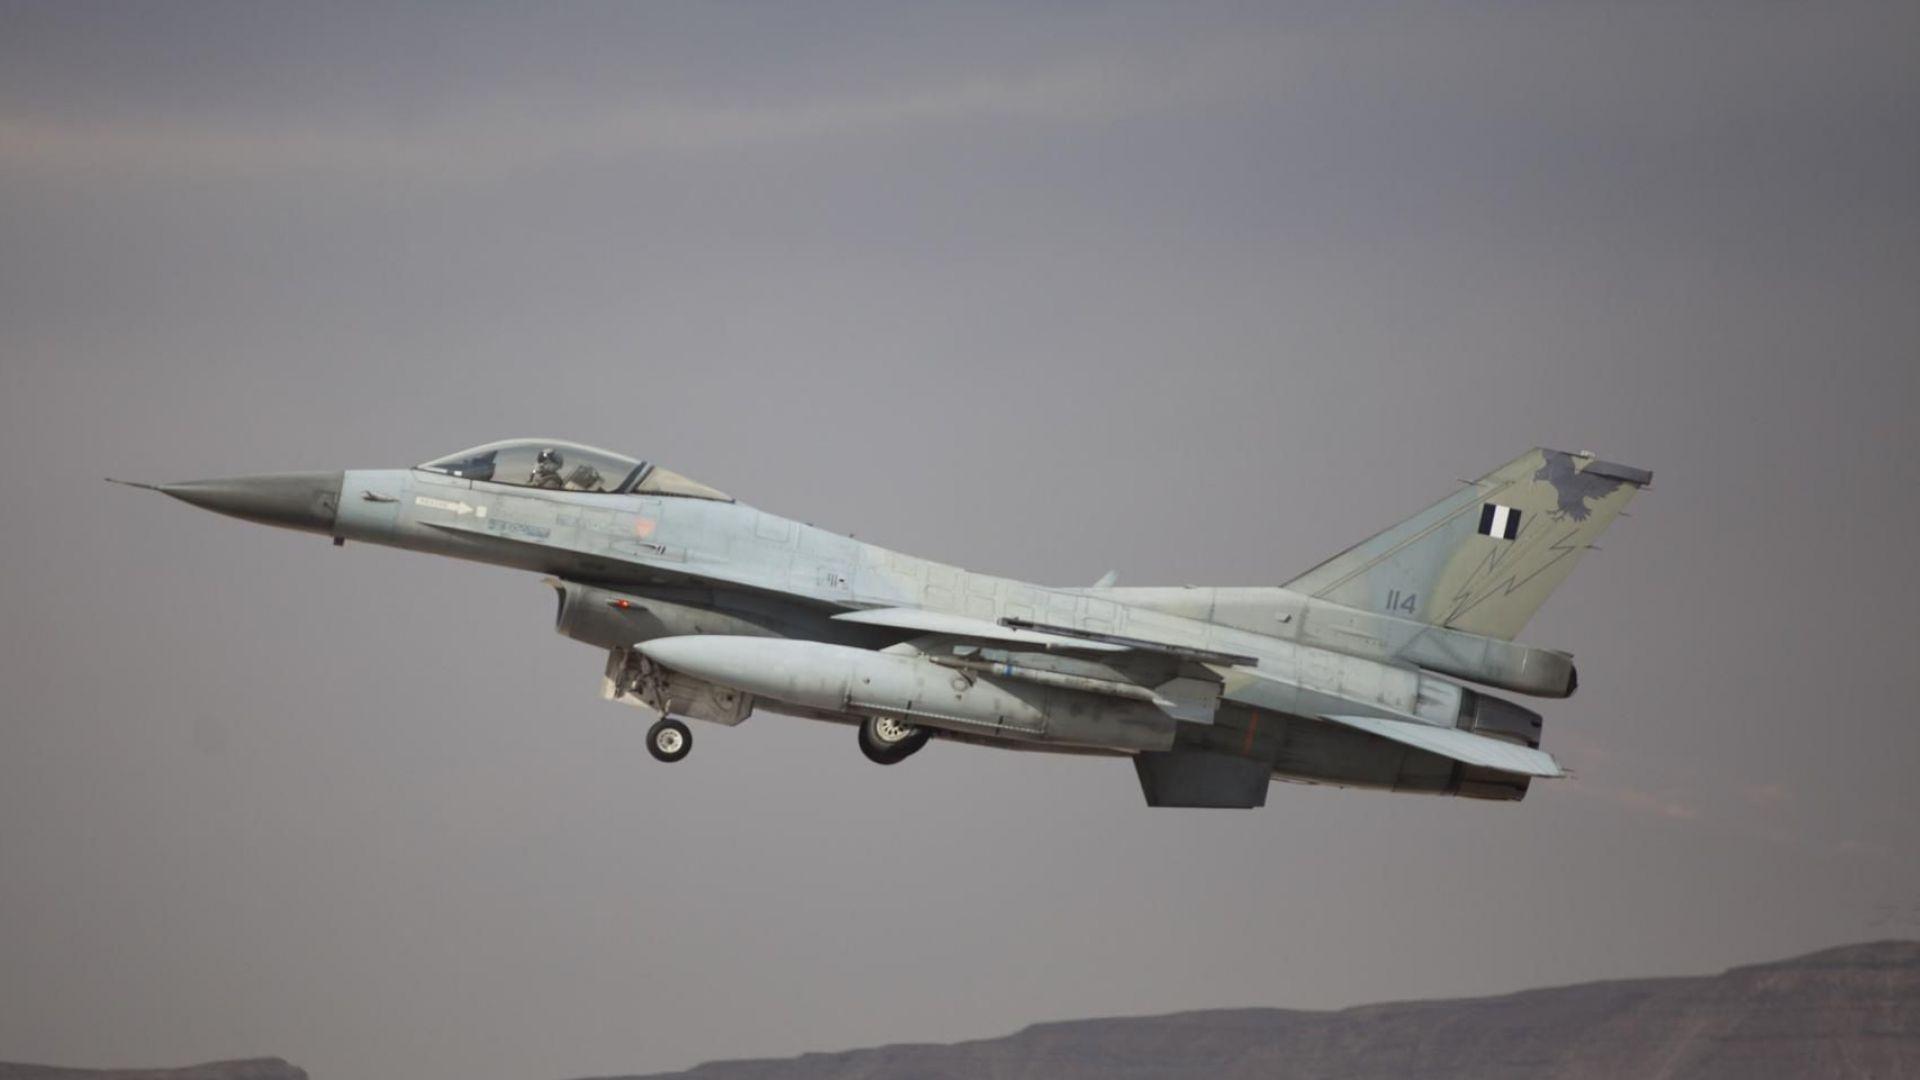 US самолети атакували позиции на сирийската армия